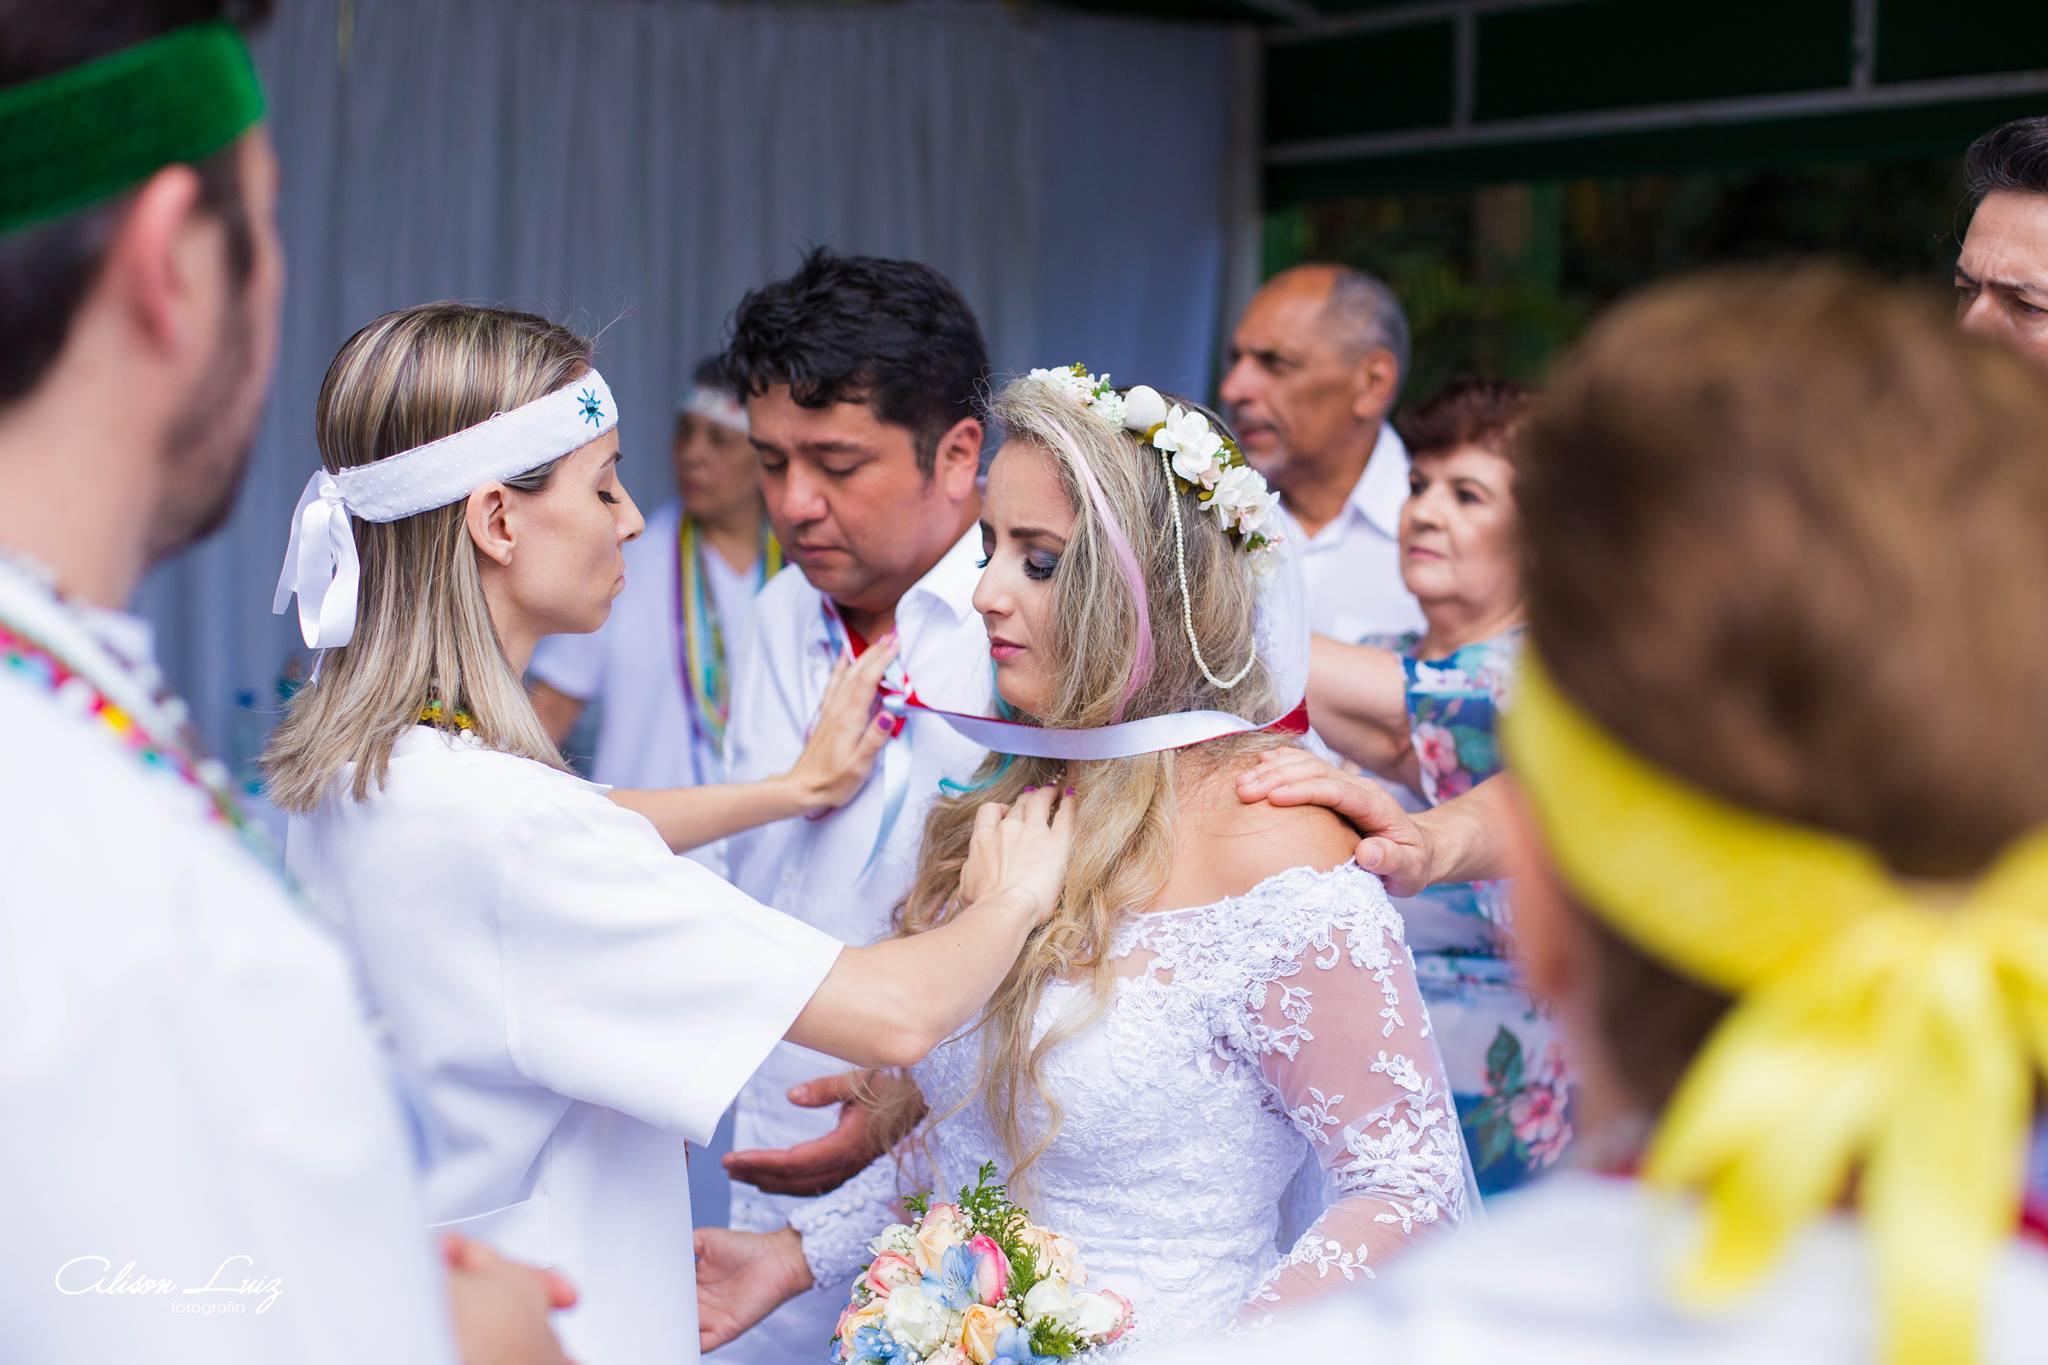 Fotógrafo evangélico registra casamento umbandista e faz lindo relato do que viu 9